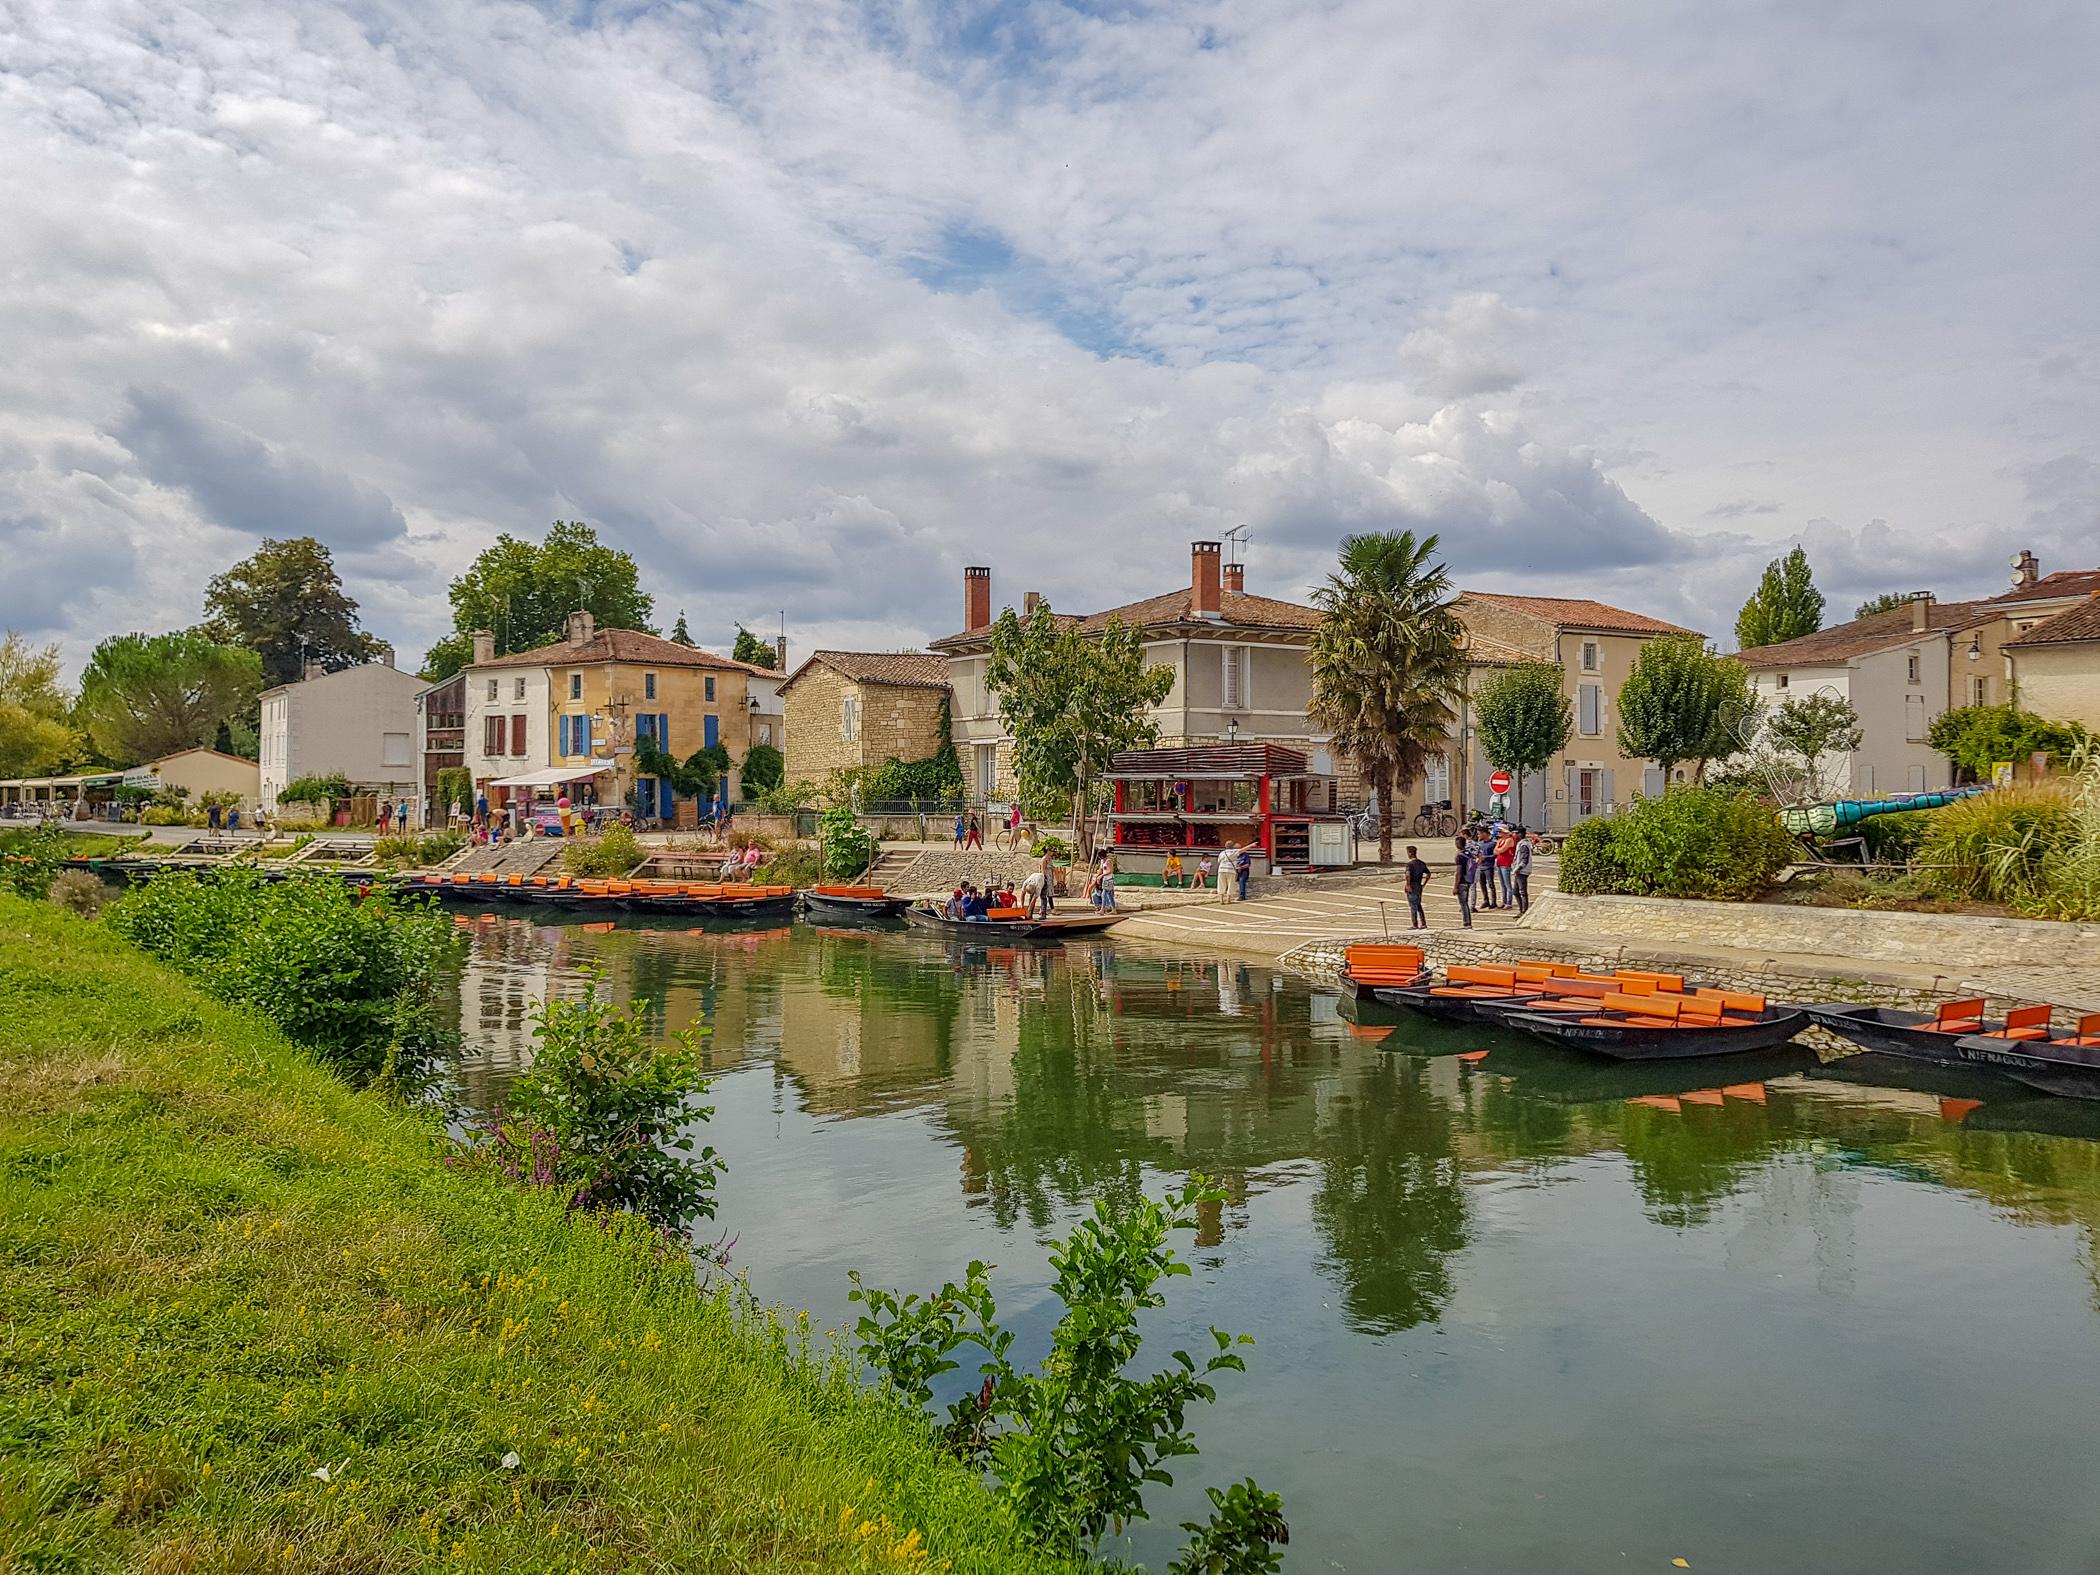 Vacances à Coulon pour faire des balades en barque